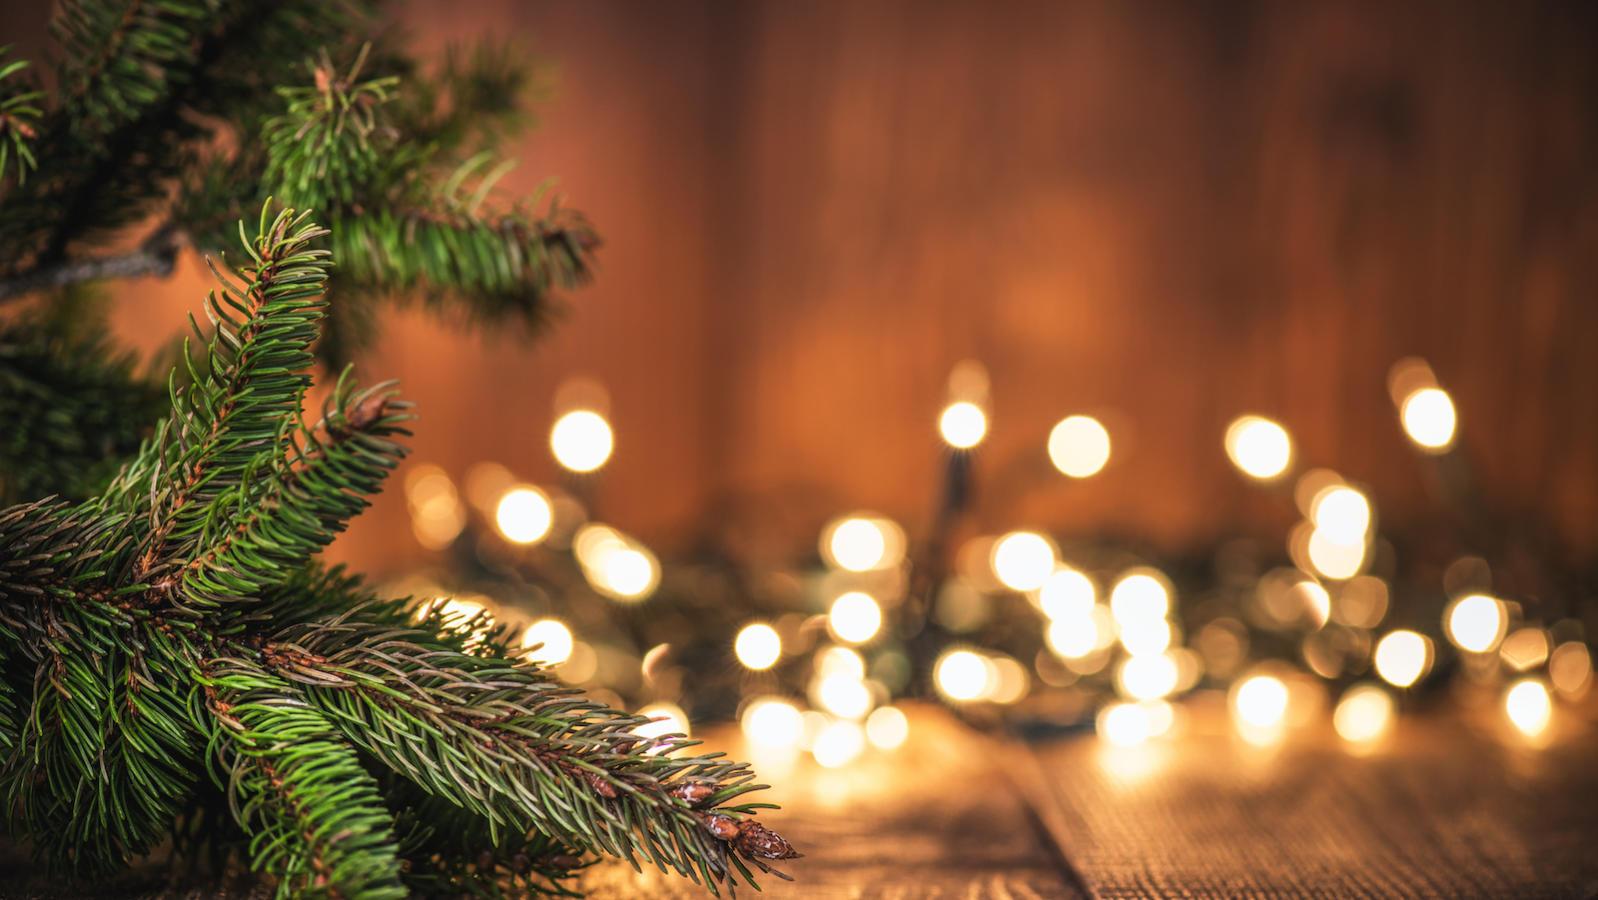 pareve-christmas-1598x900.jpg